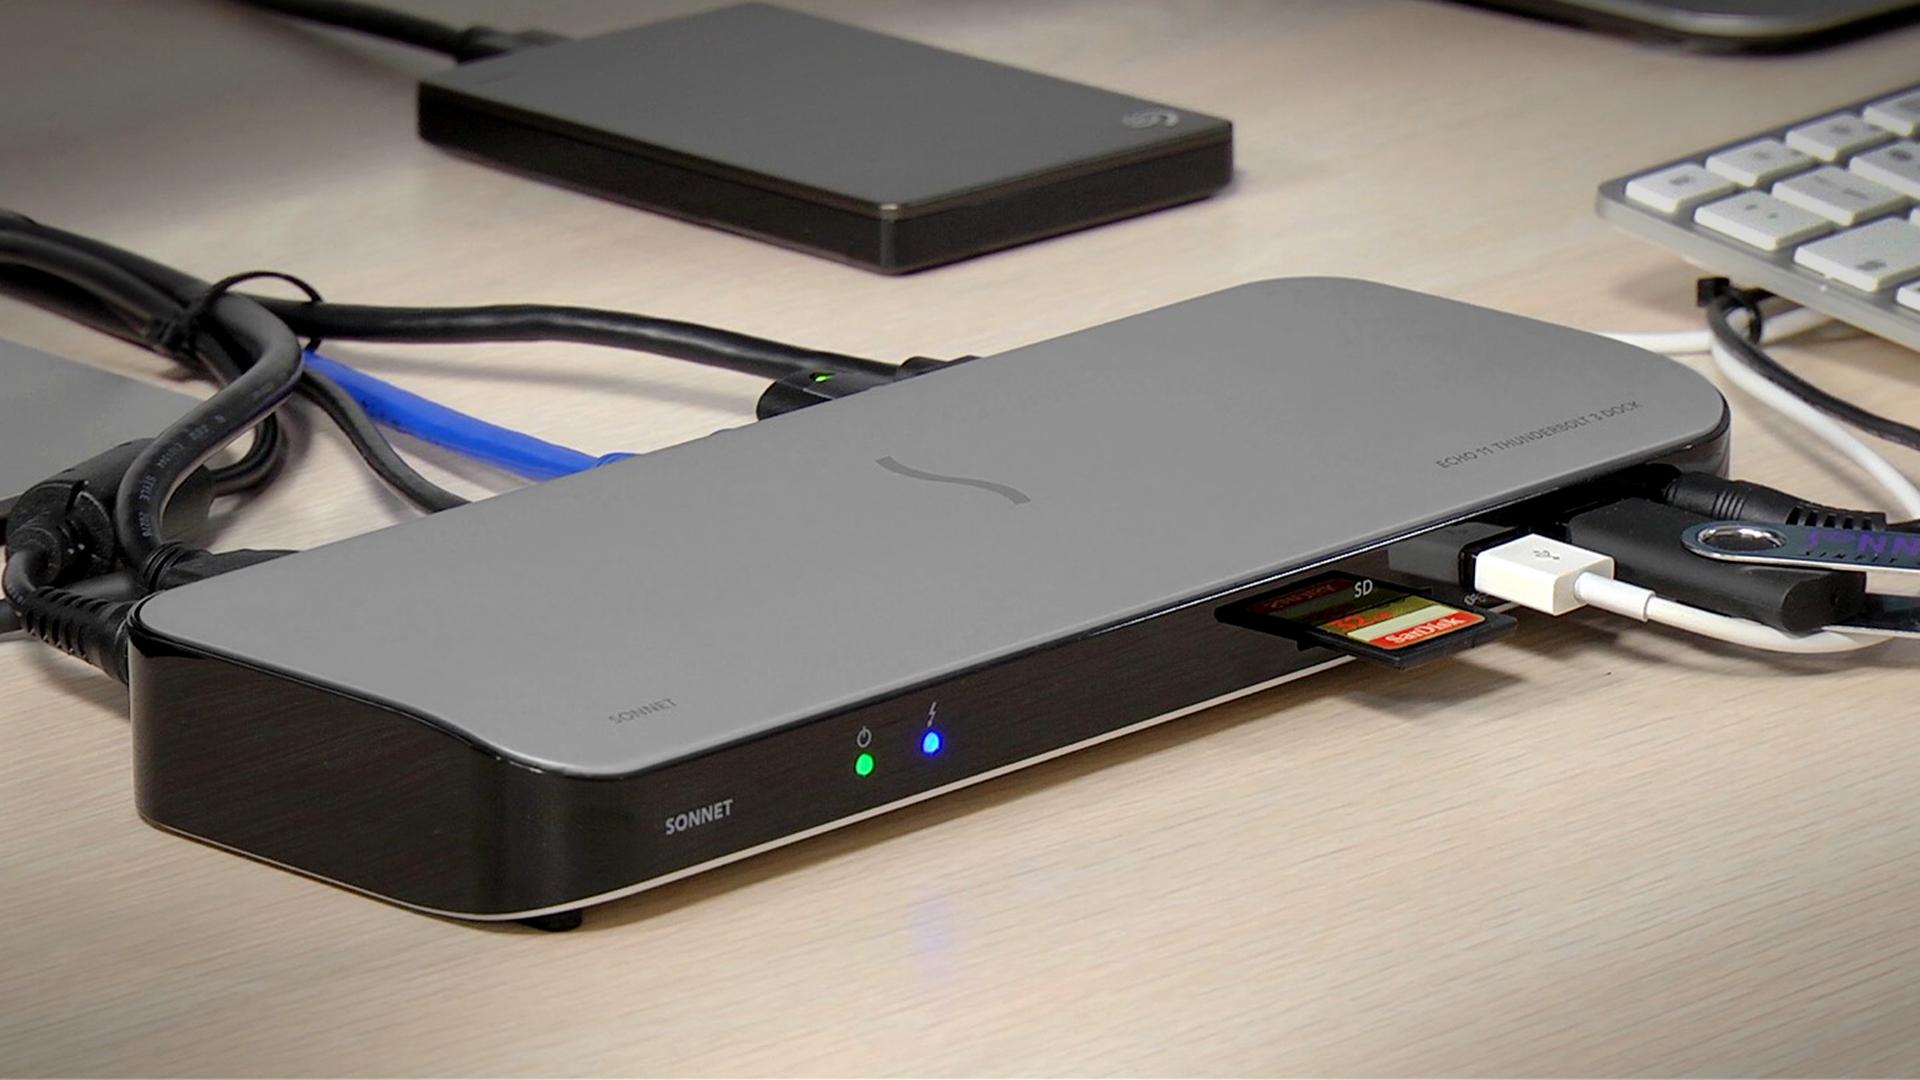 SonnetのEcho 11 ― Thunderbolt 3 Dockでラップトップの接続性を改善